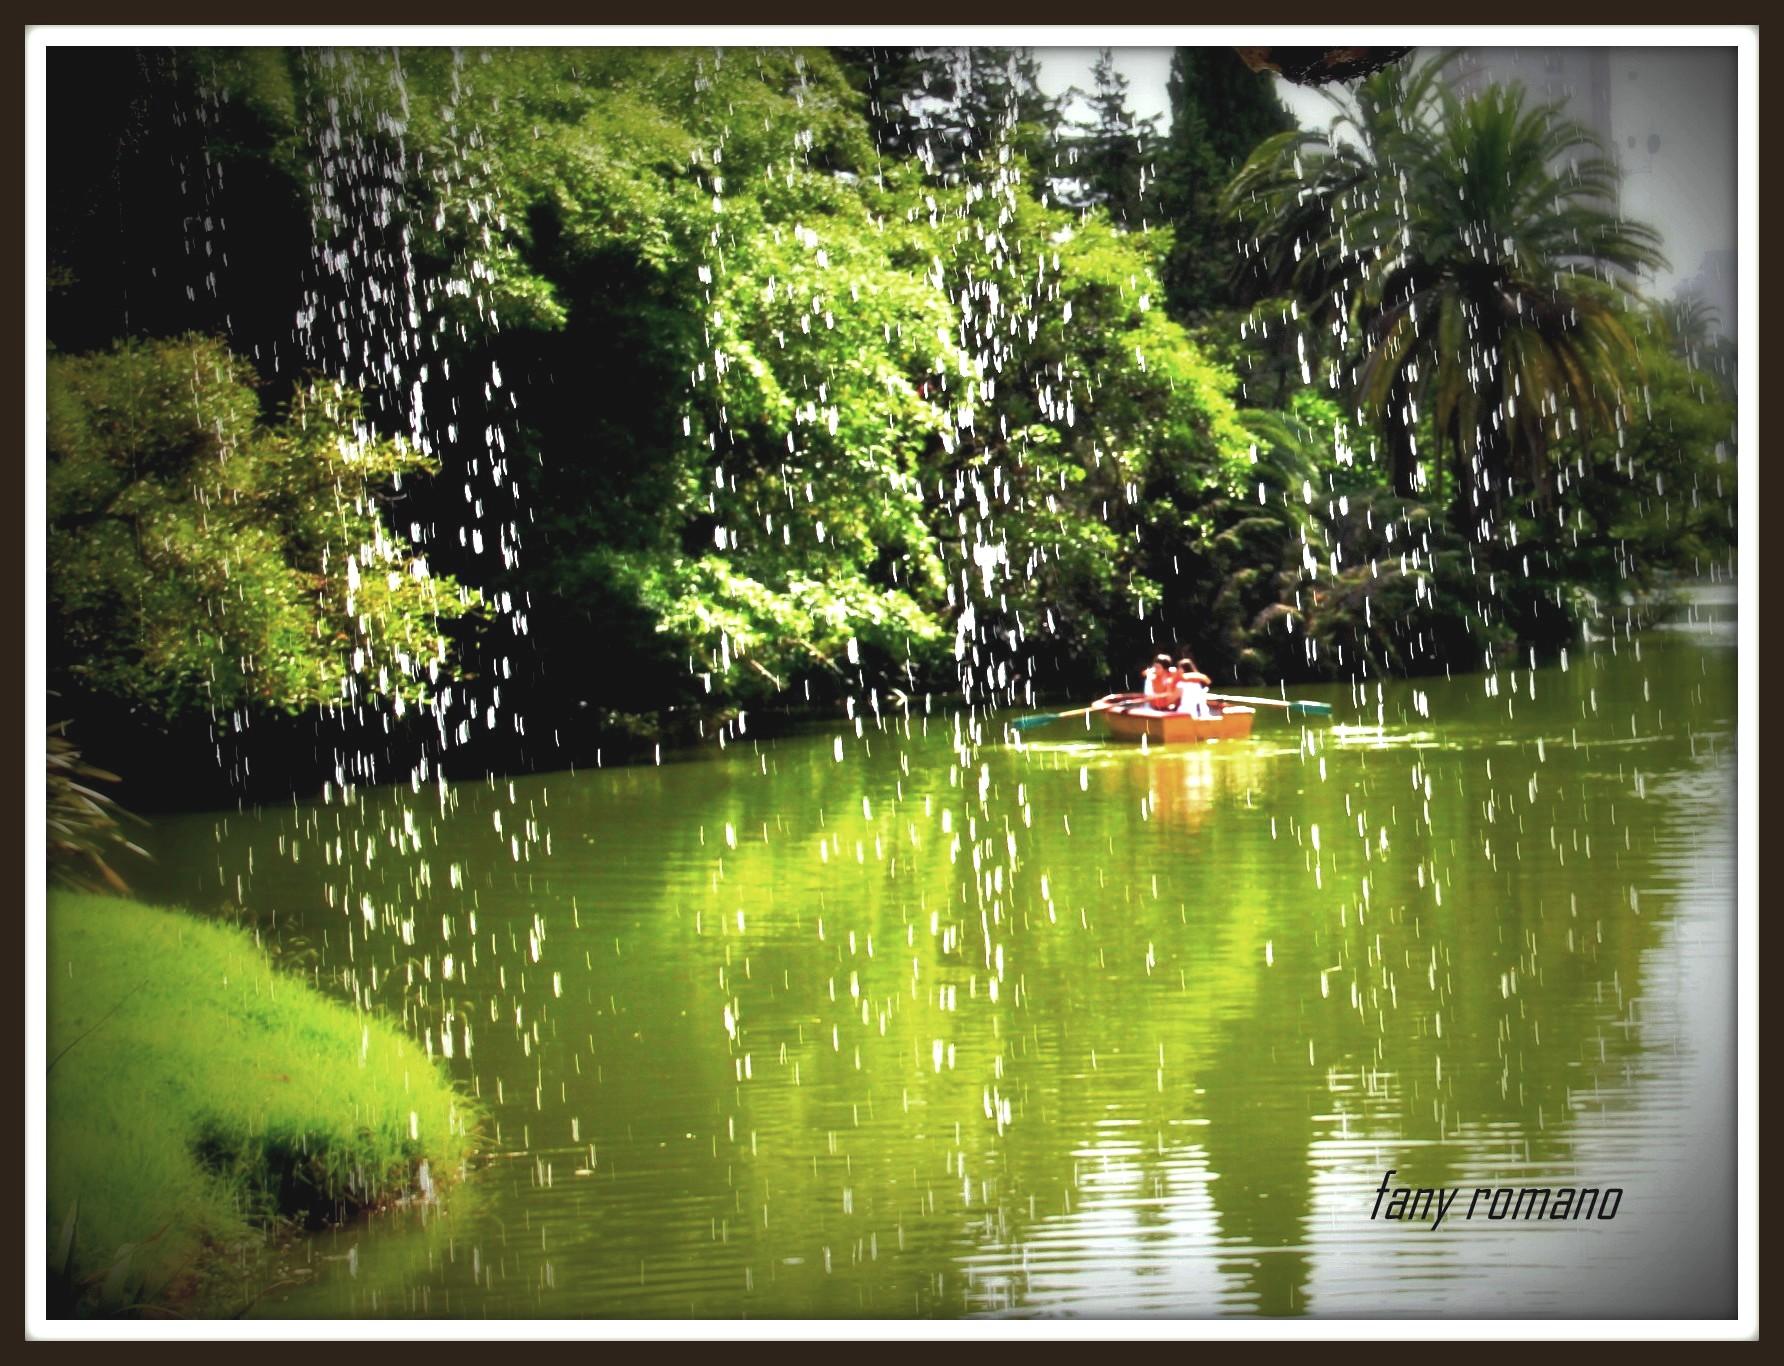 Hintergrundbilder : Bäume, Landschaft, Boot, See, Wasser, Natur ...